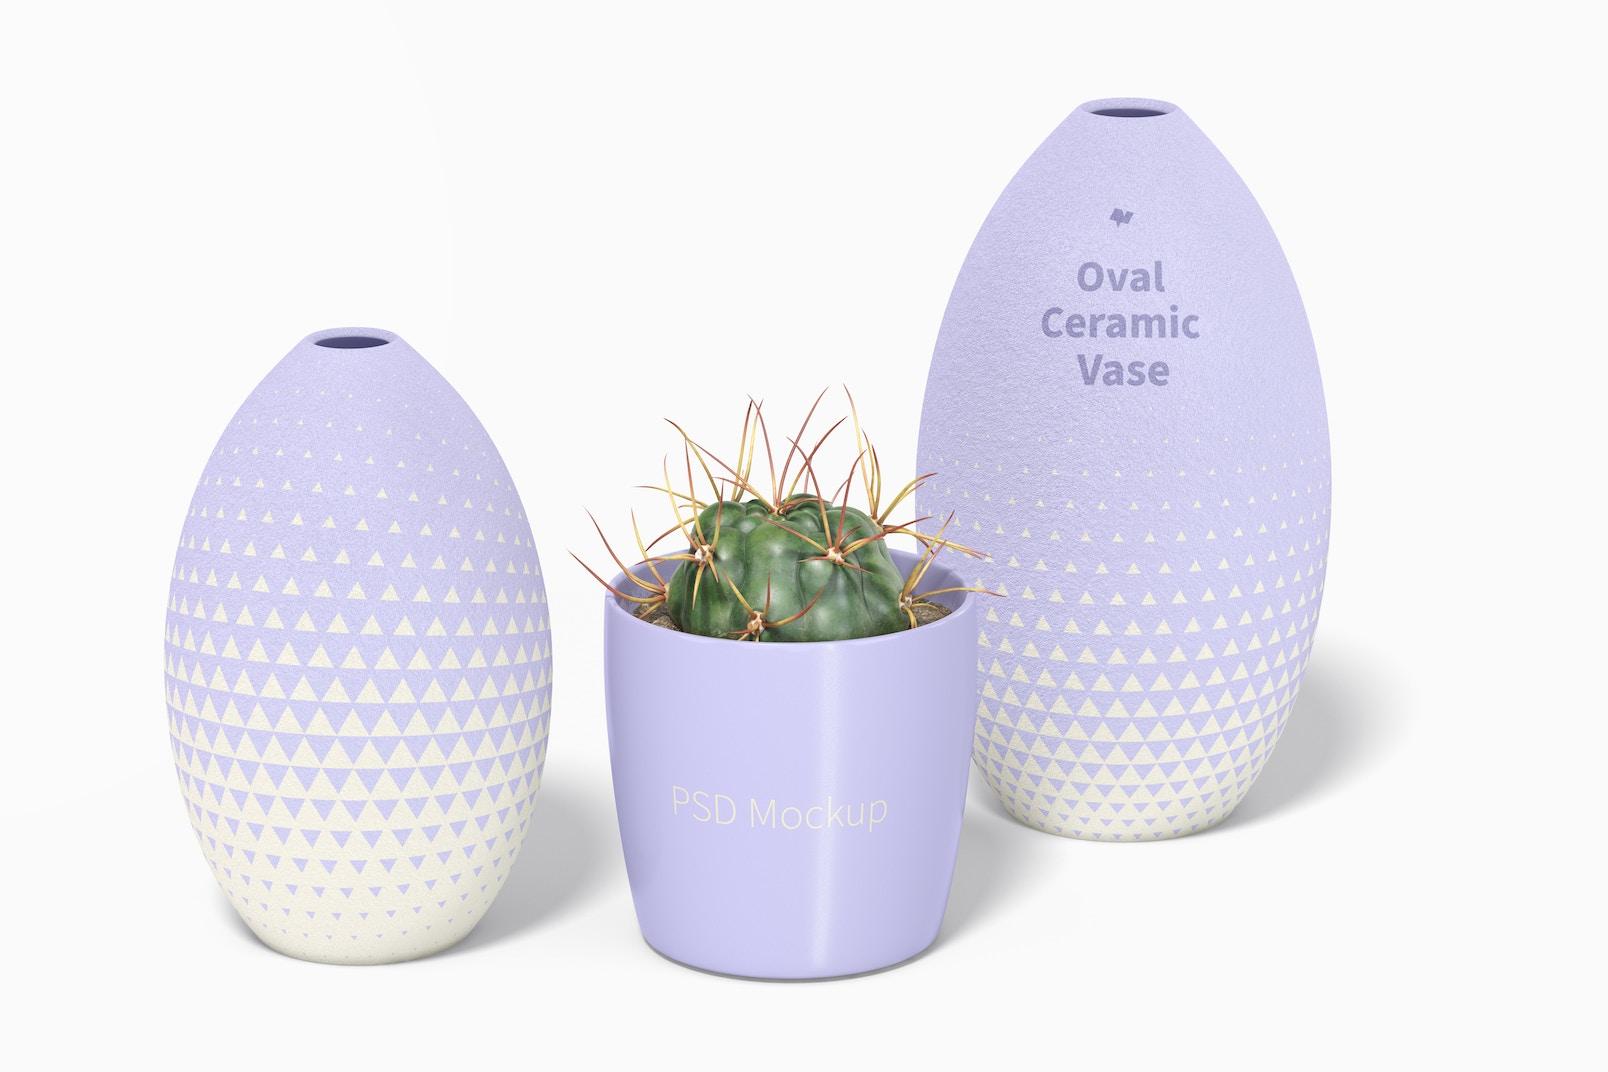 Oval Ceramic Vase Set Mockup